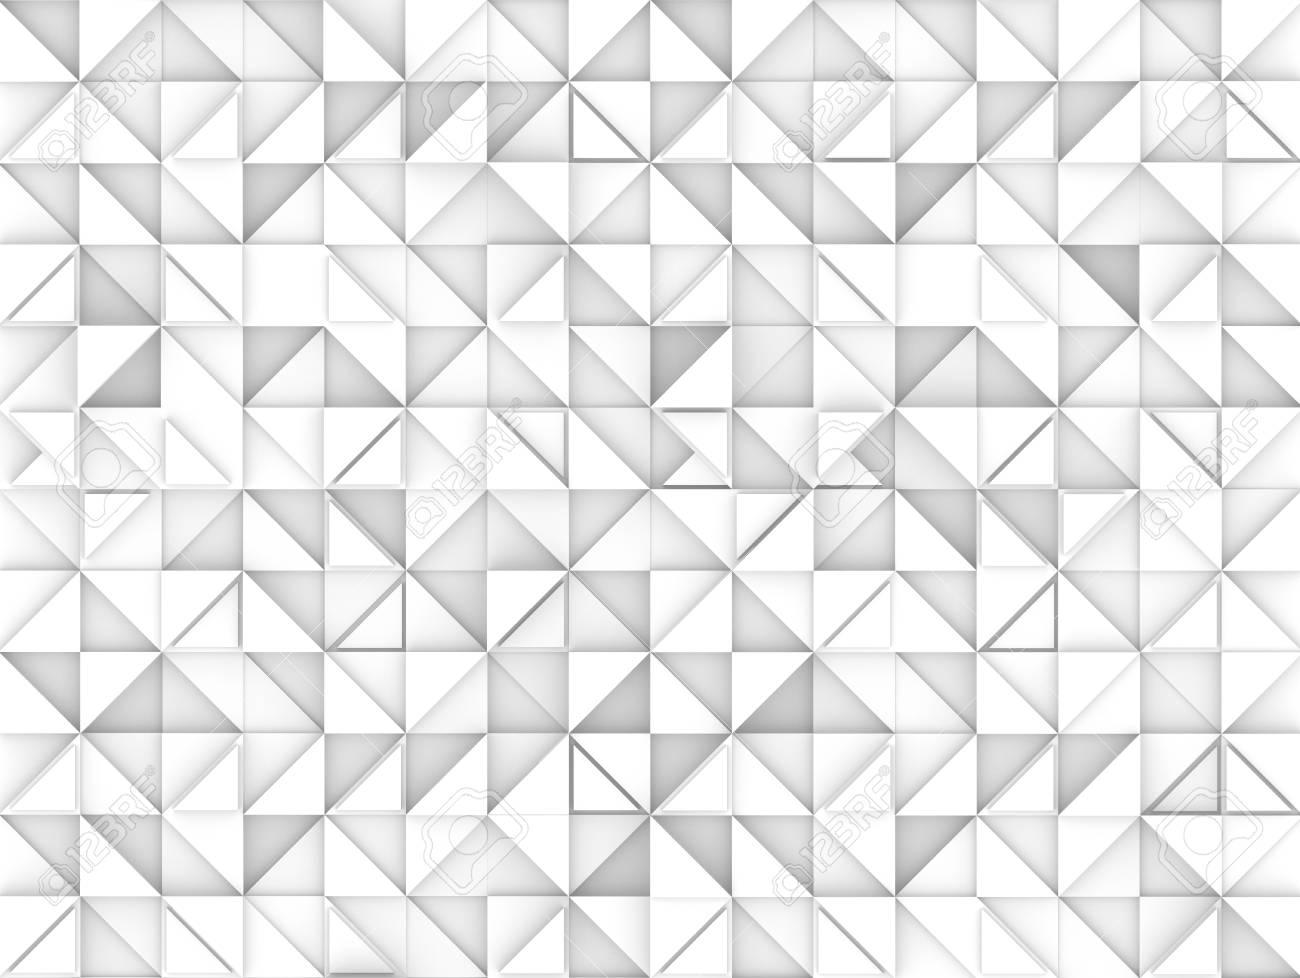 Fond De Triangle Geometrique Fond D Ecran De Rendu De Rendu Blanc 3d Pour Des Usages De Conception Banque D Images Et Photos Libres De Droits Image 94312470